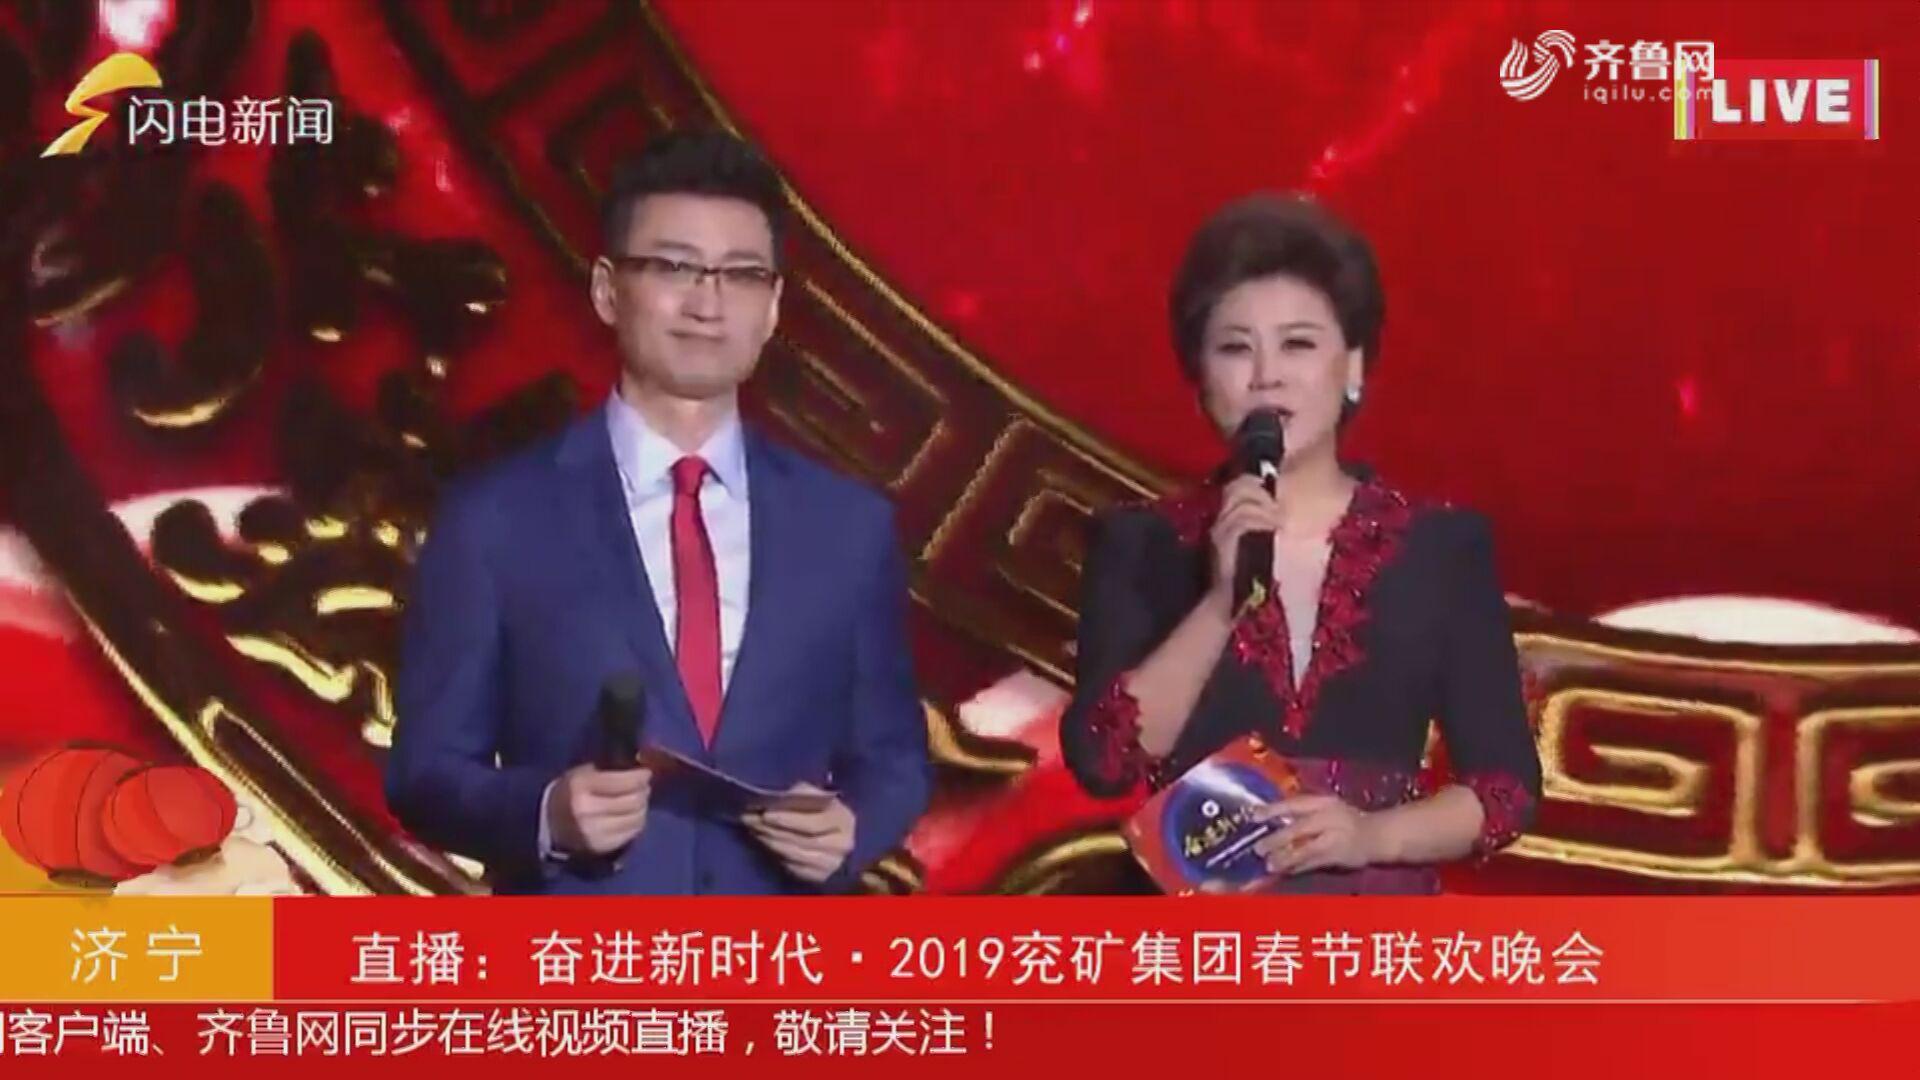 舞蹈《极魅之光》——奋进时代·2019兖矿集团春节联欢晚会